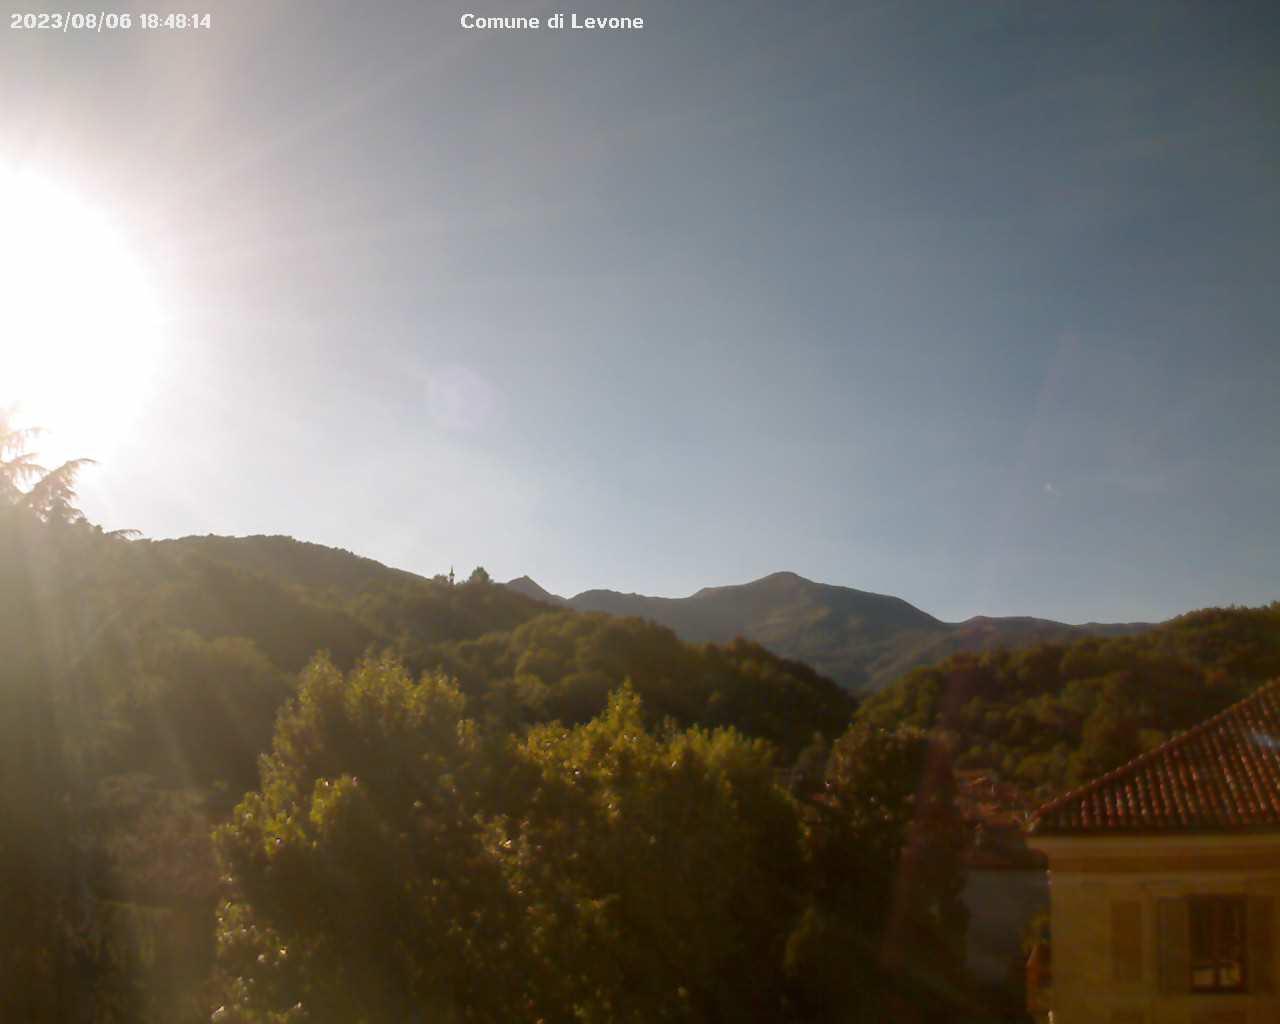 Comune di Levone - webcam